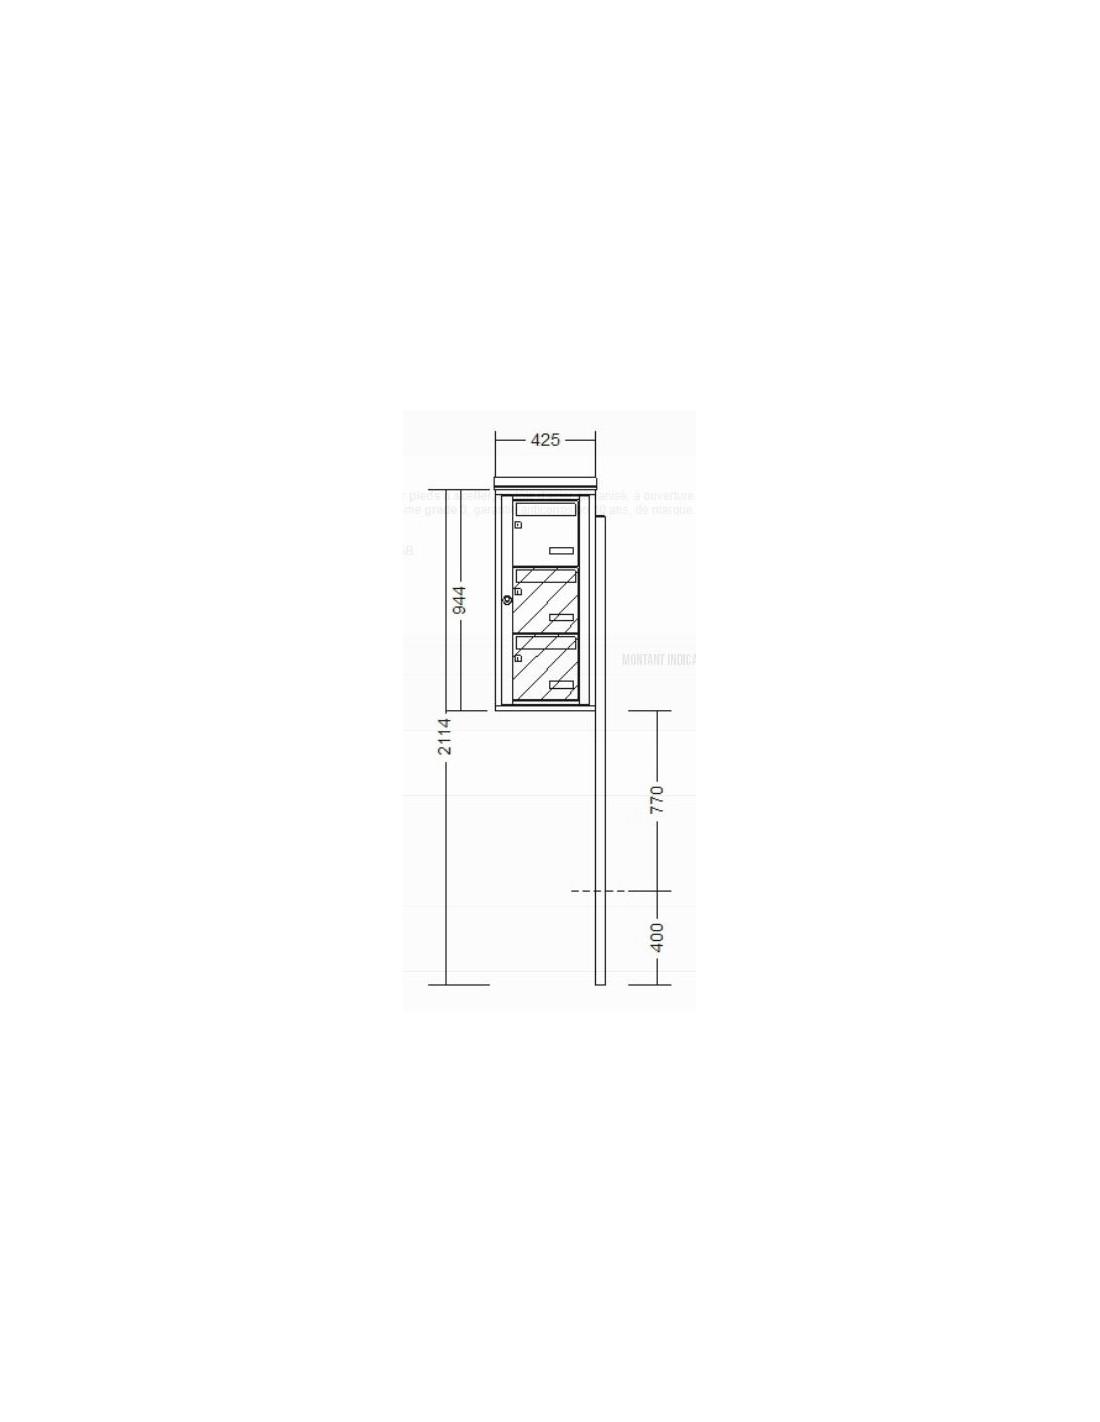 bo te aux lettres 3 volumes sur pied. Black Bedroom Furniture Sets. Home Design Ideas